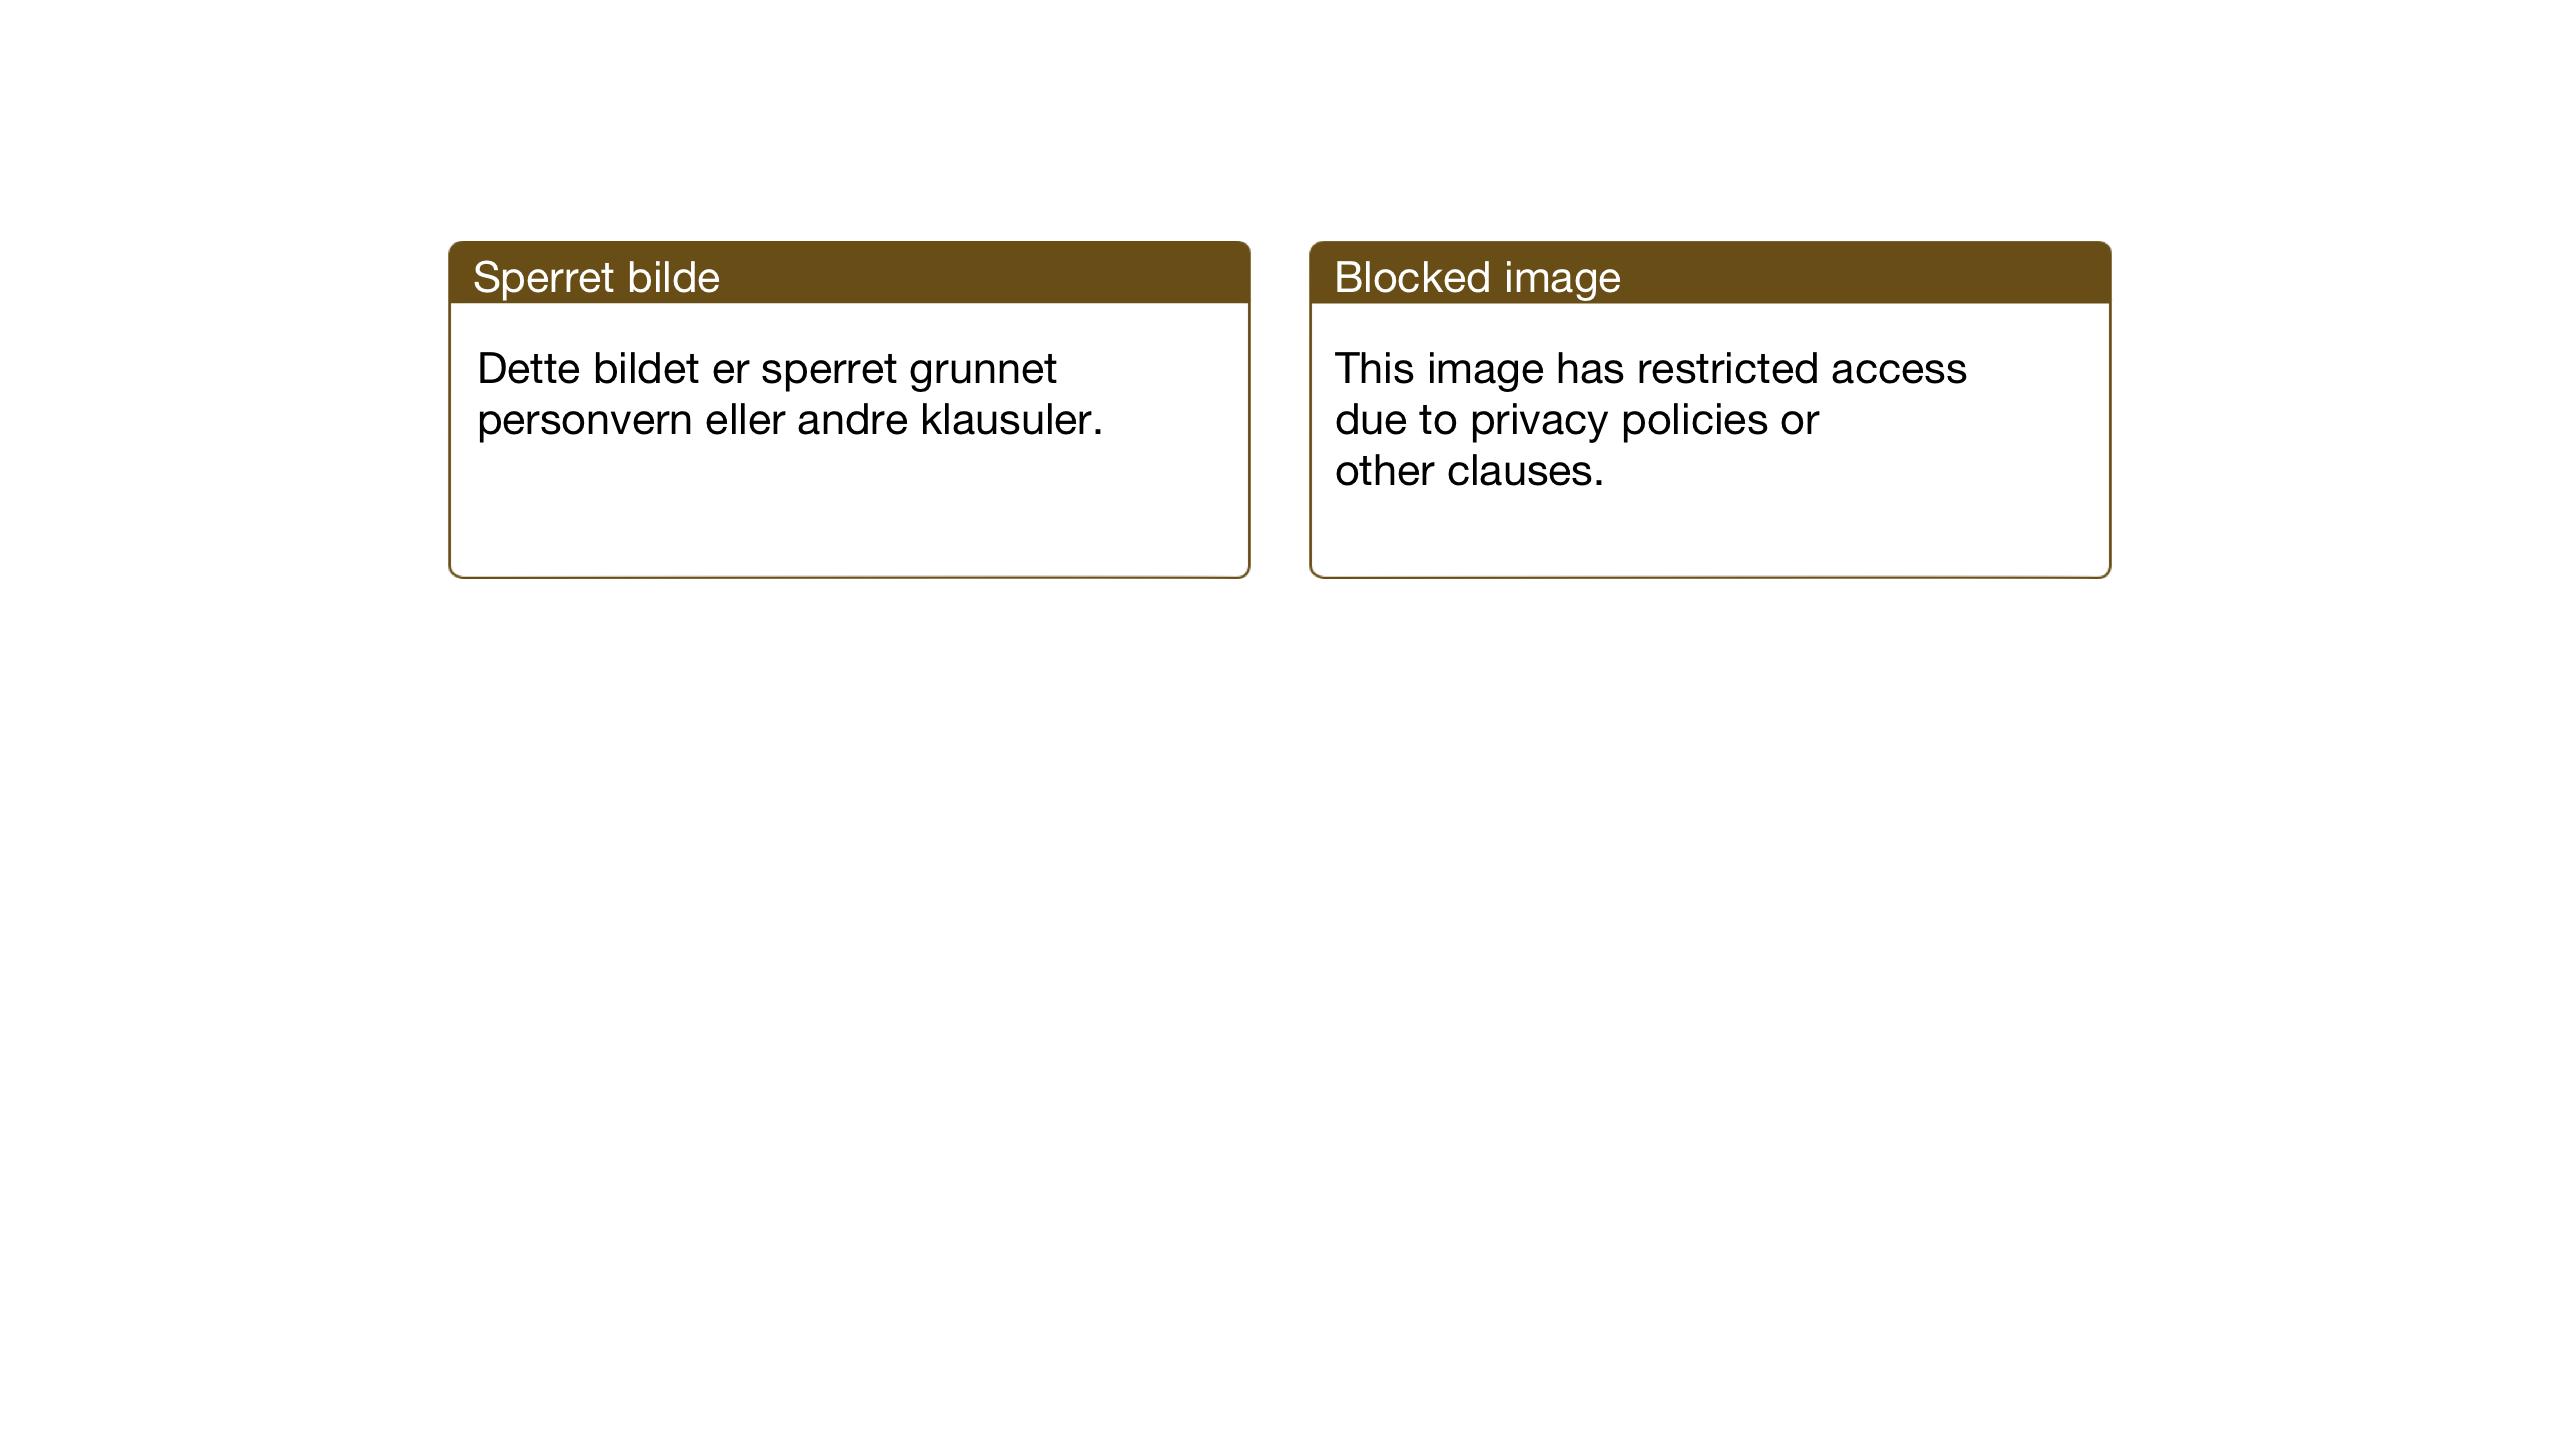 SAT, Ministerialprotokoller, klokkerbøker og fødselsregistre - Nord-Trøndelag, 714/L0136: Klokkerbok nr. 714C05, 1918-1957, s. 70